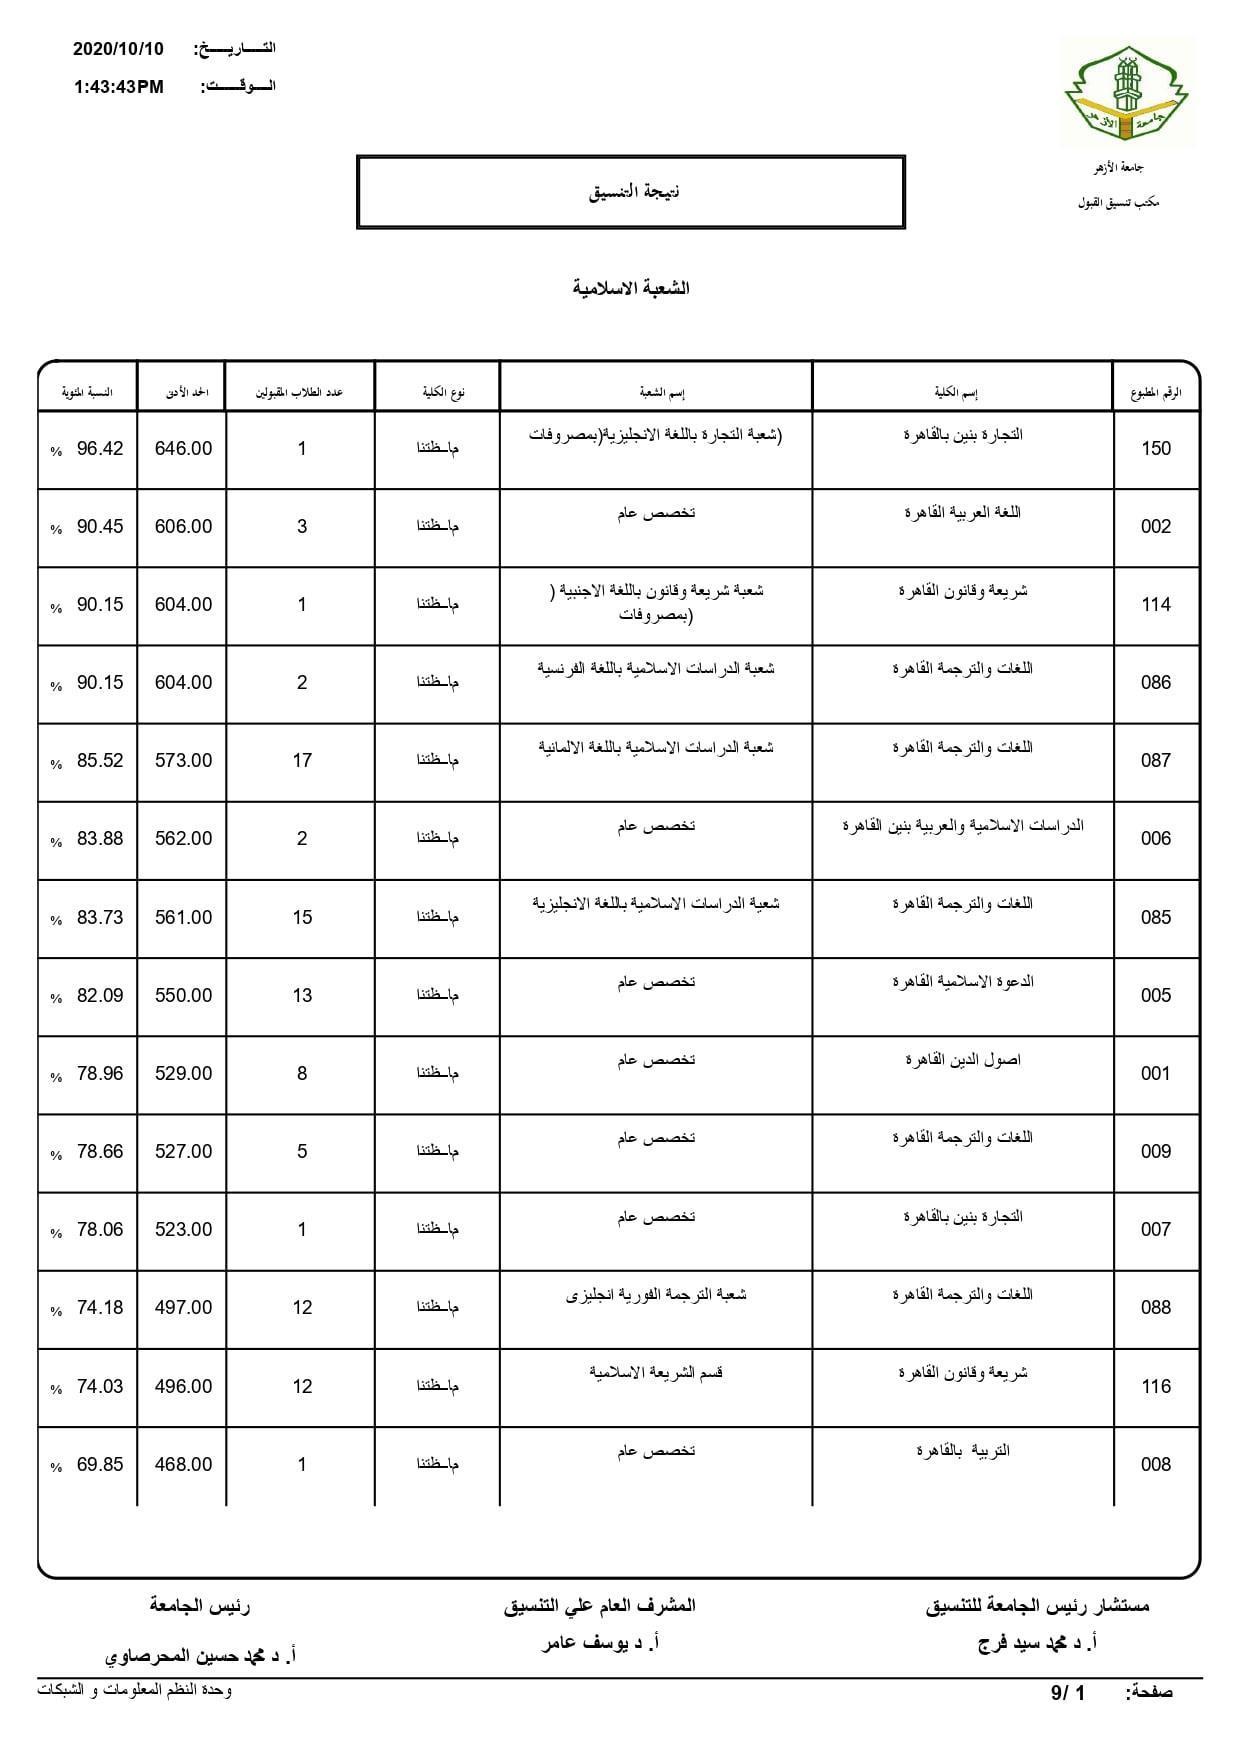 نتيجة تنسيق كليات جامعة الأزهر لعام 2020 بالكامل 20201010195702901